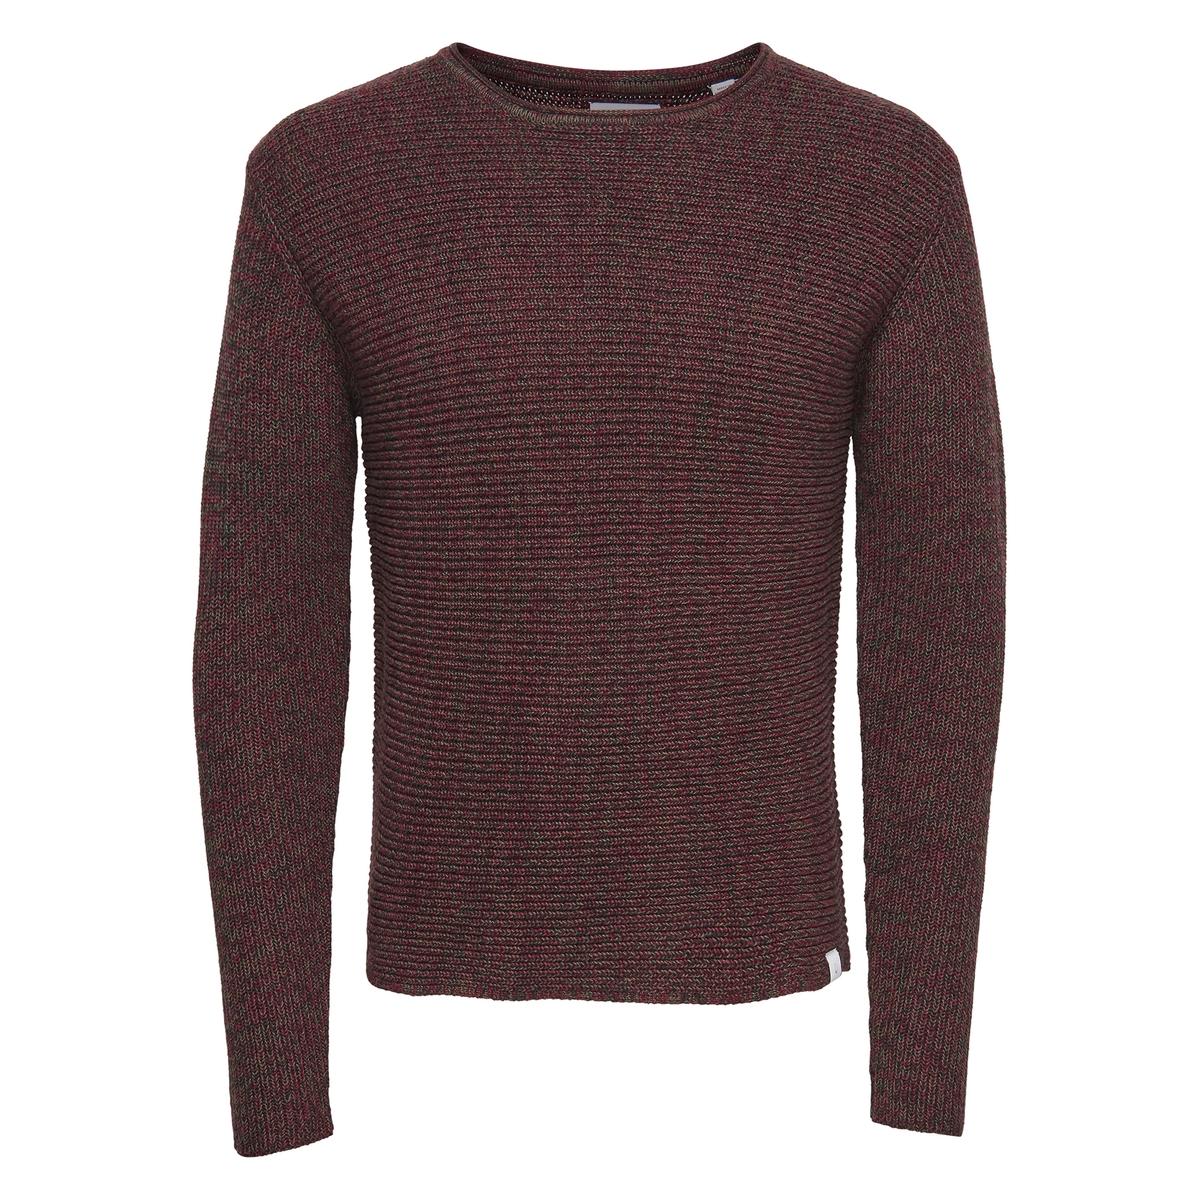 Пуловер La Redoute С круглым вырезом из тонкого трикотажа XXL красный пуловер la redoute с круглым вырезом из тонкого трикотажа l красный